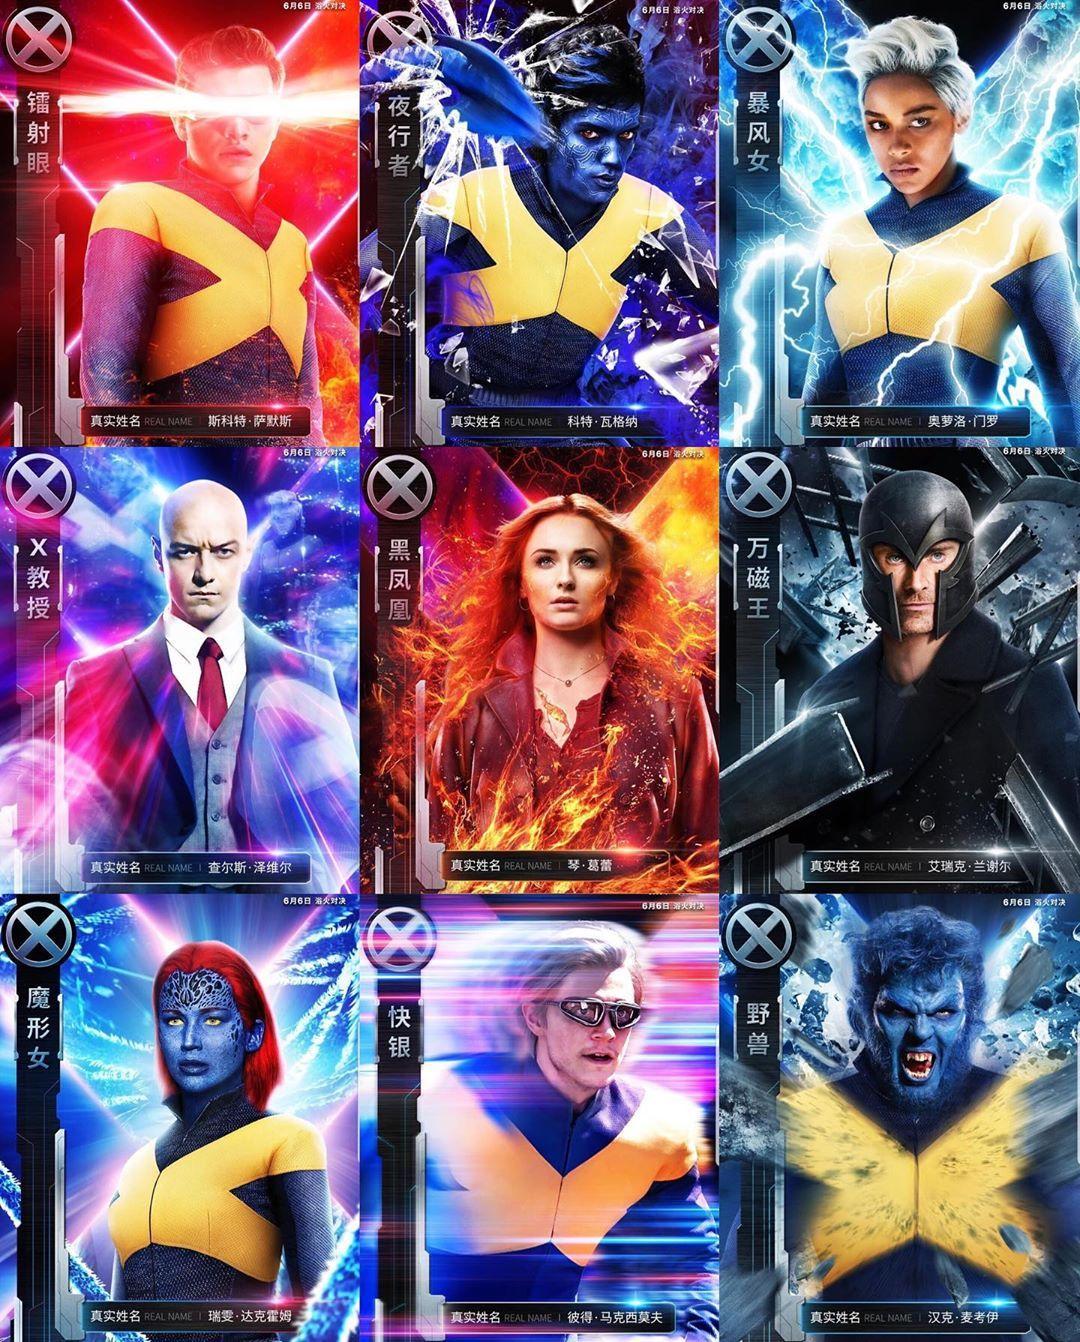 Guy Who S Obsessed With X Men On Instagram Xmen Xmendarkphoenix Darkphoenix Phoenix Sophieturner Jeangrey Cyclops Tyesheri Cyclops X Men X Men Marvel